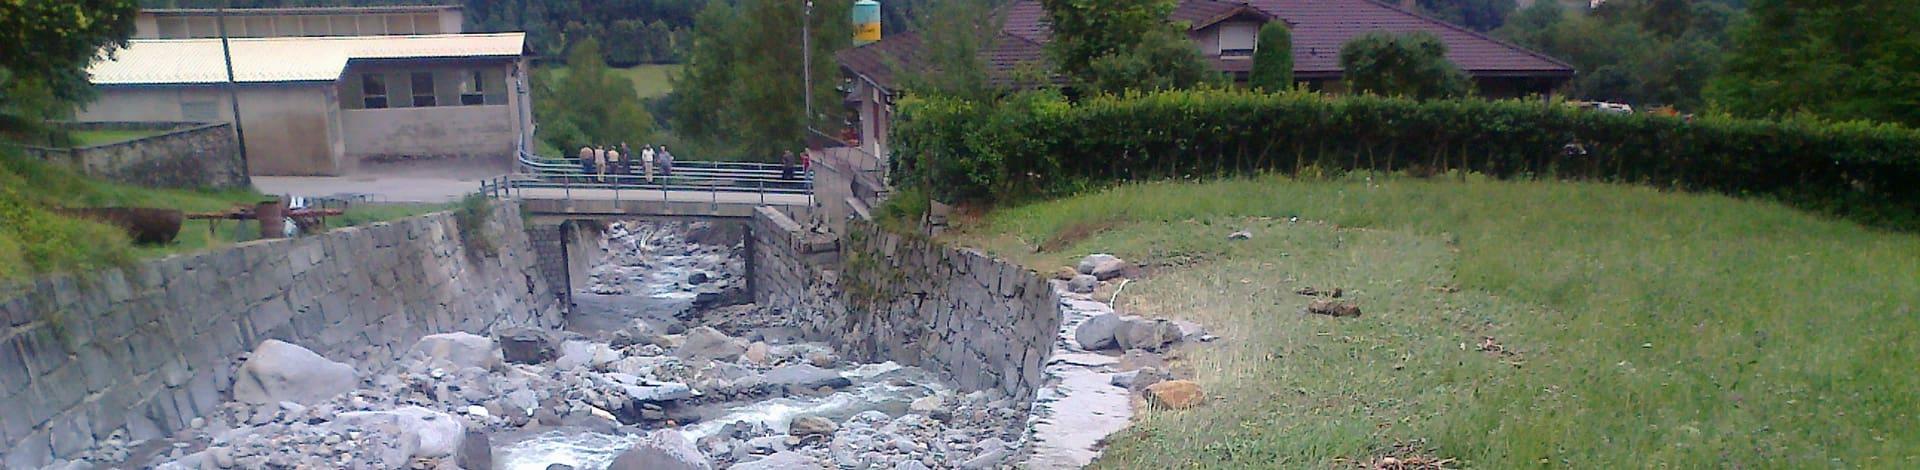 Hochwasserschutz Acquarossa Die Mobiliar